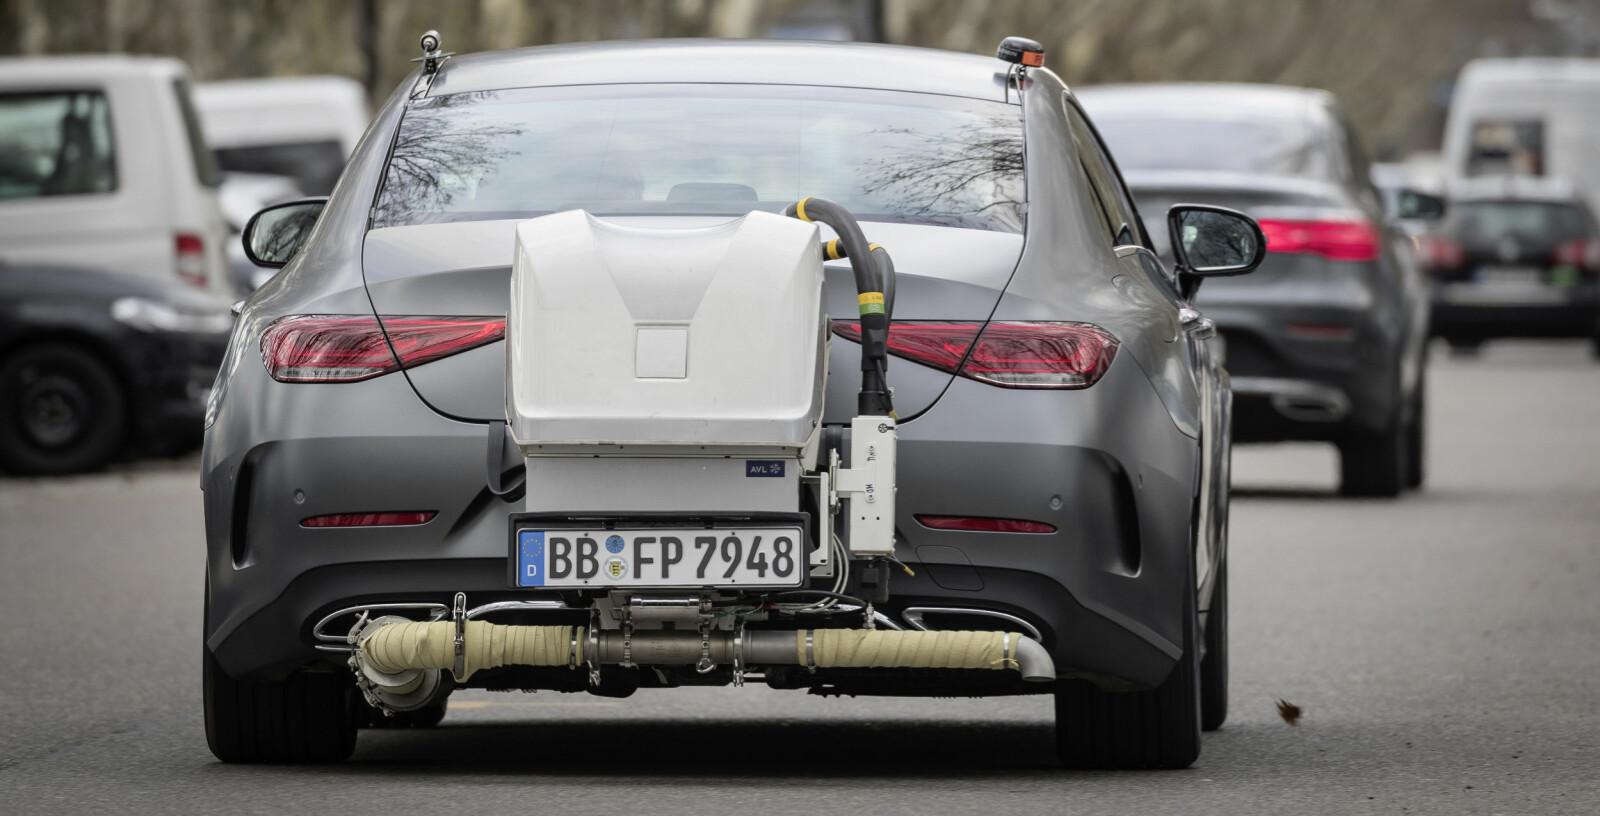 <b>RDE-MÅLING:</b> RDE-test hos Mercedes. Testresultatene må være innfor visse grenseverdier i forhold til WLTP-resultatene for at bilen skal bli godkjent.